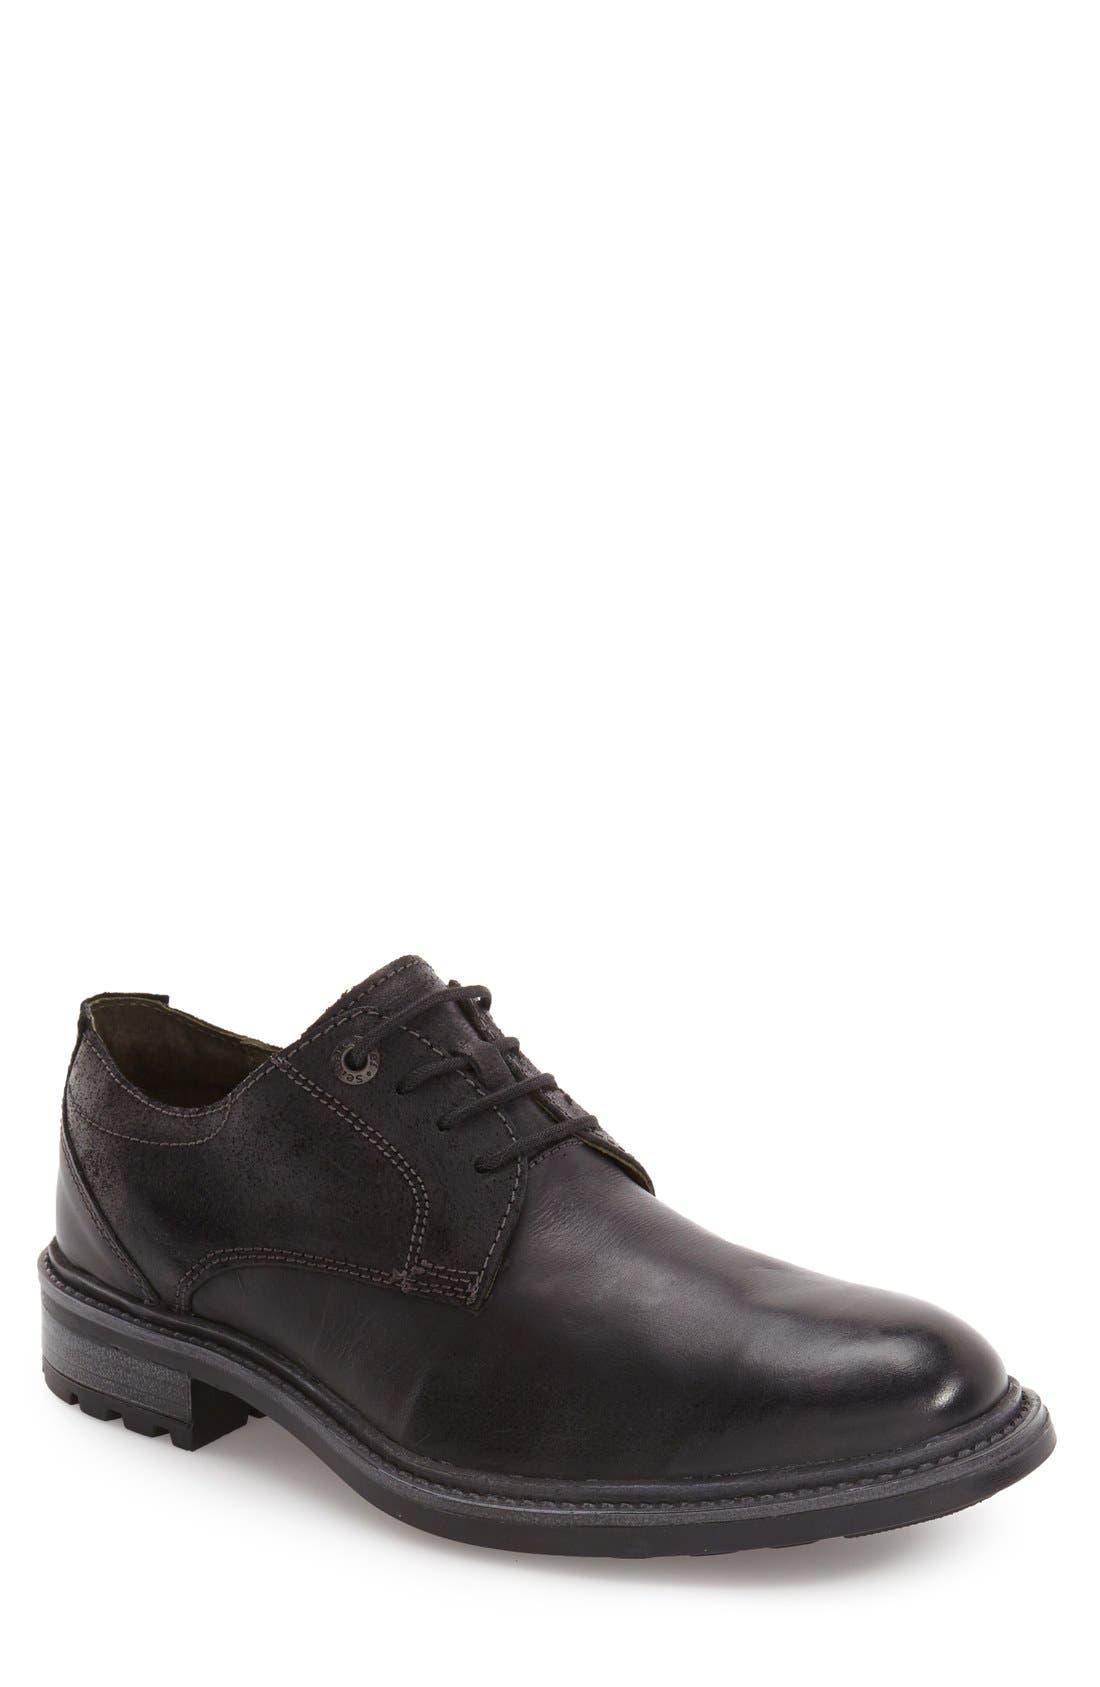 Oscar Plain Toe Derby,                         Main,                         color, BLACK LEATHER